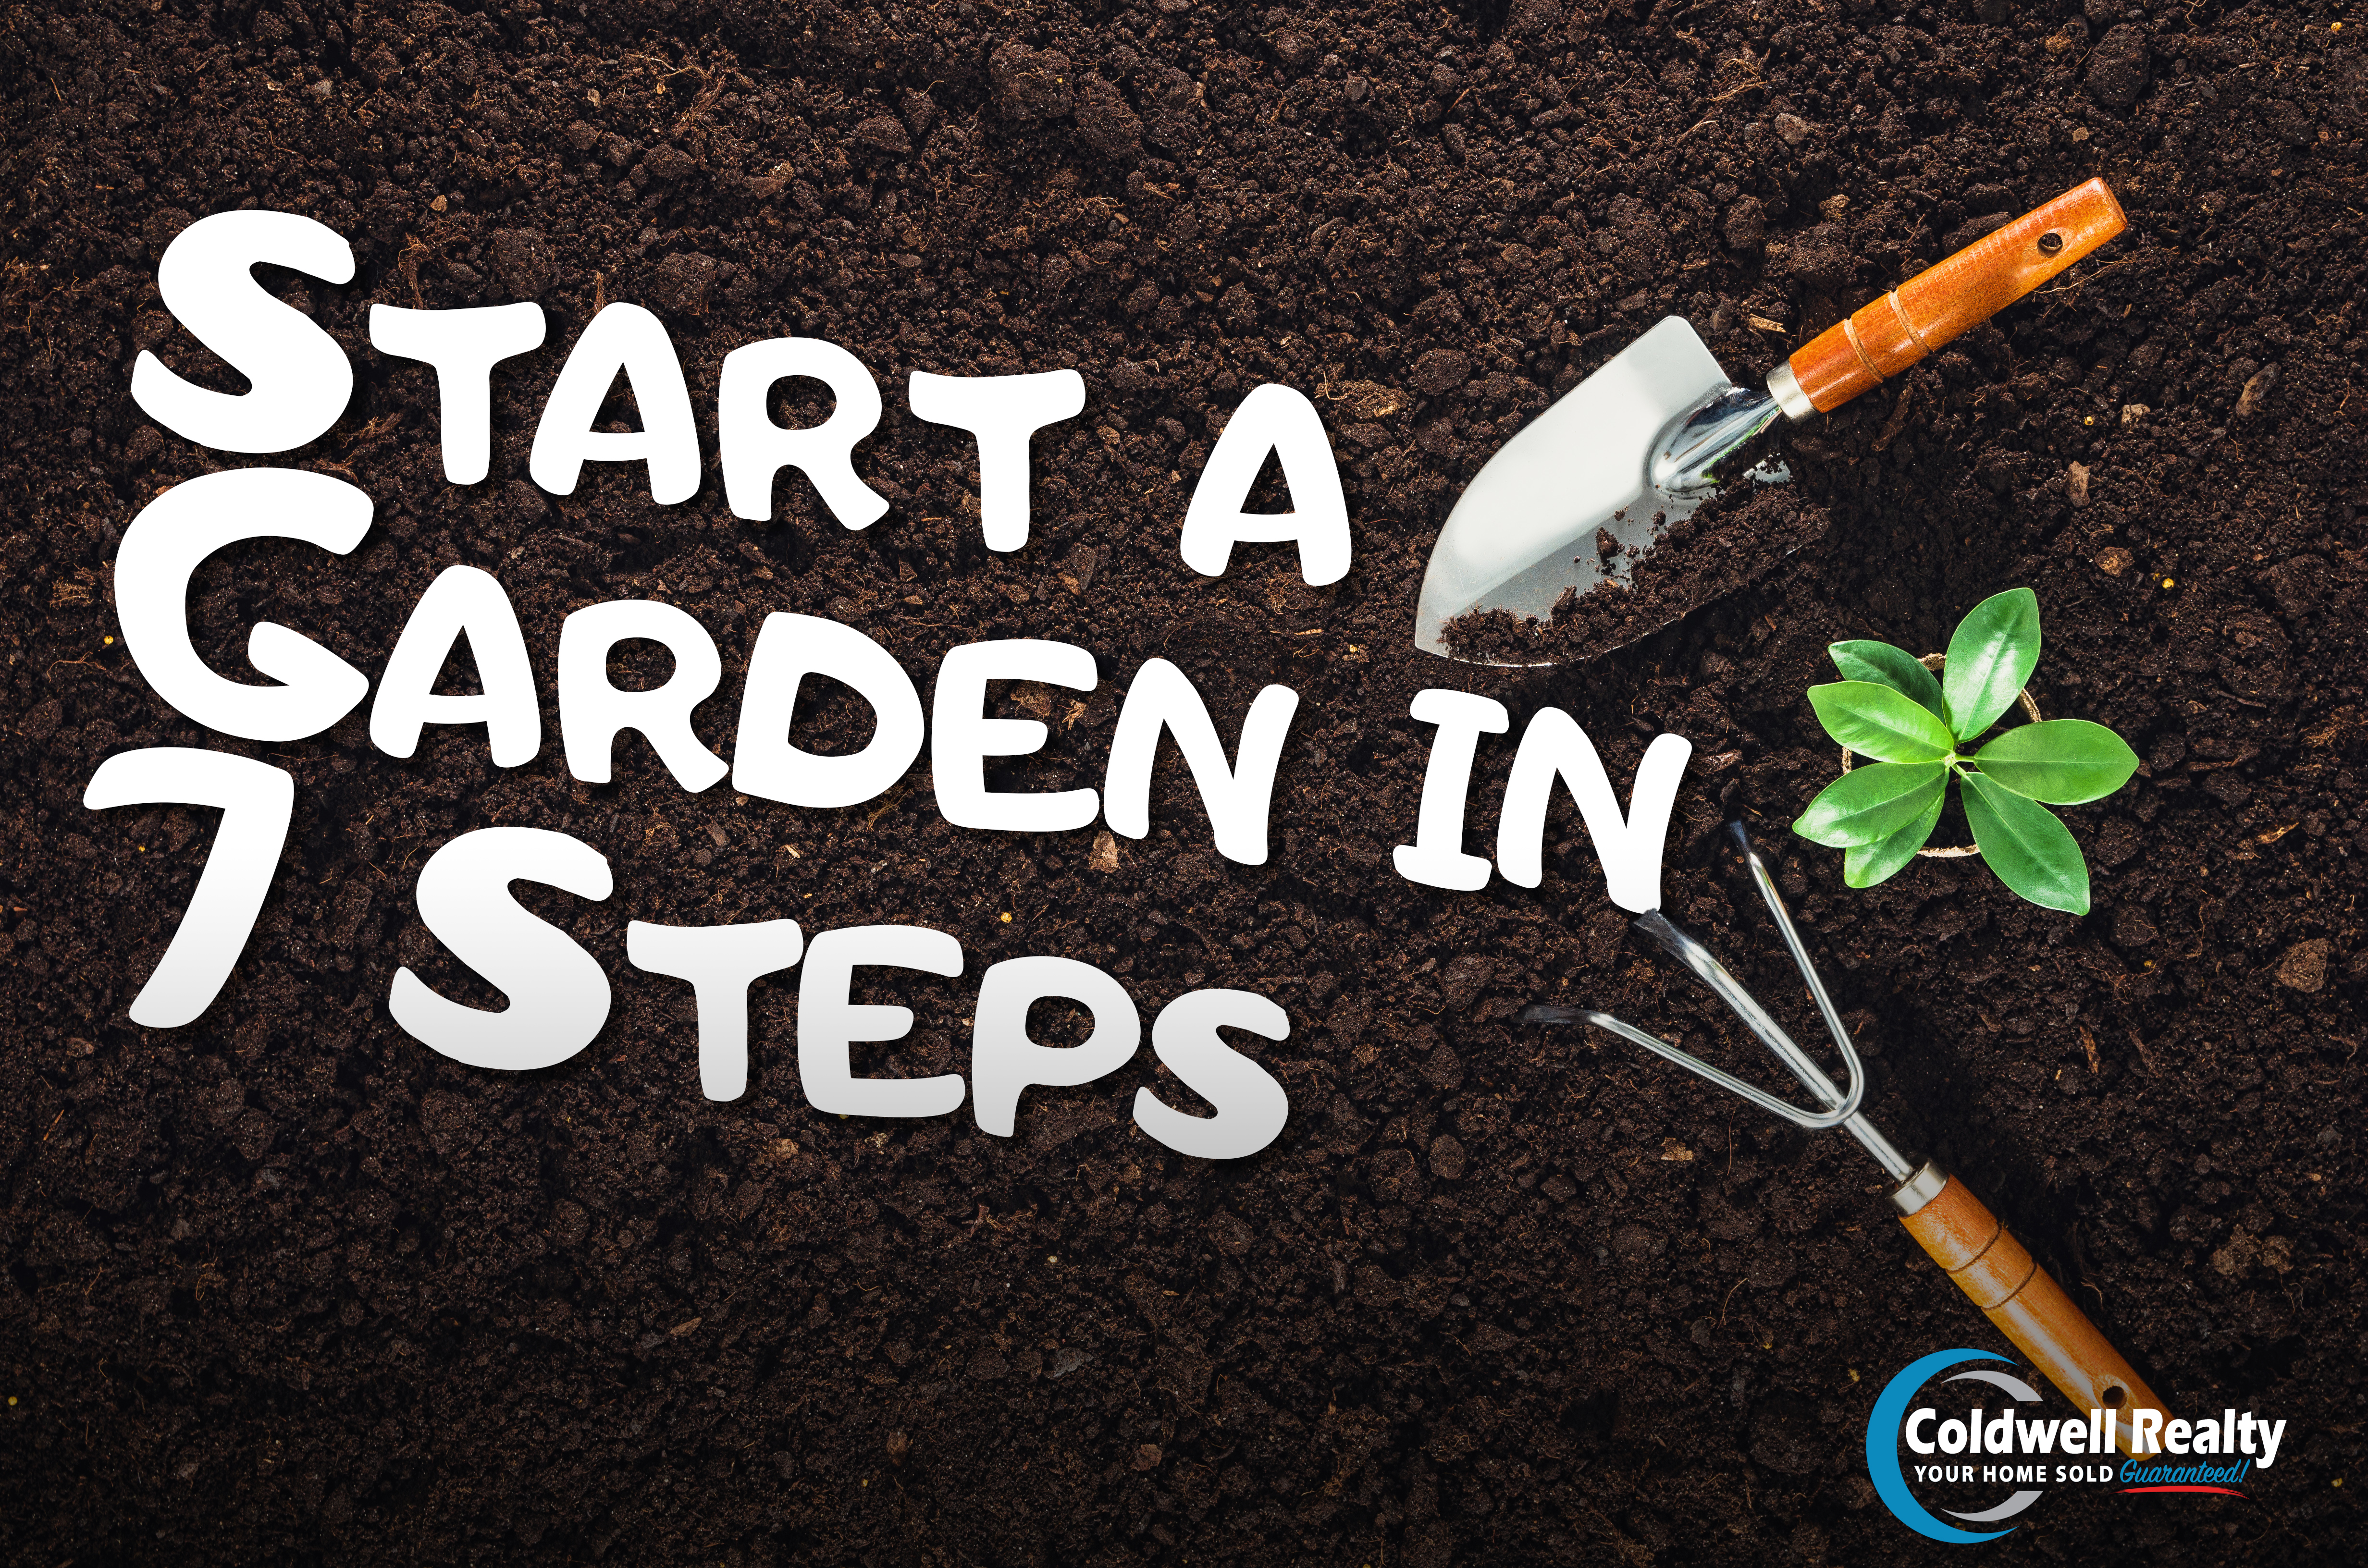 7 Step Gardening.jpg